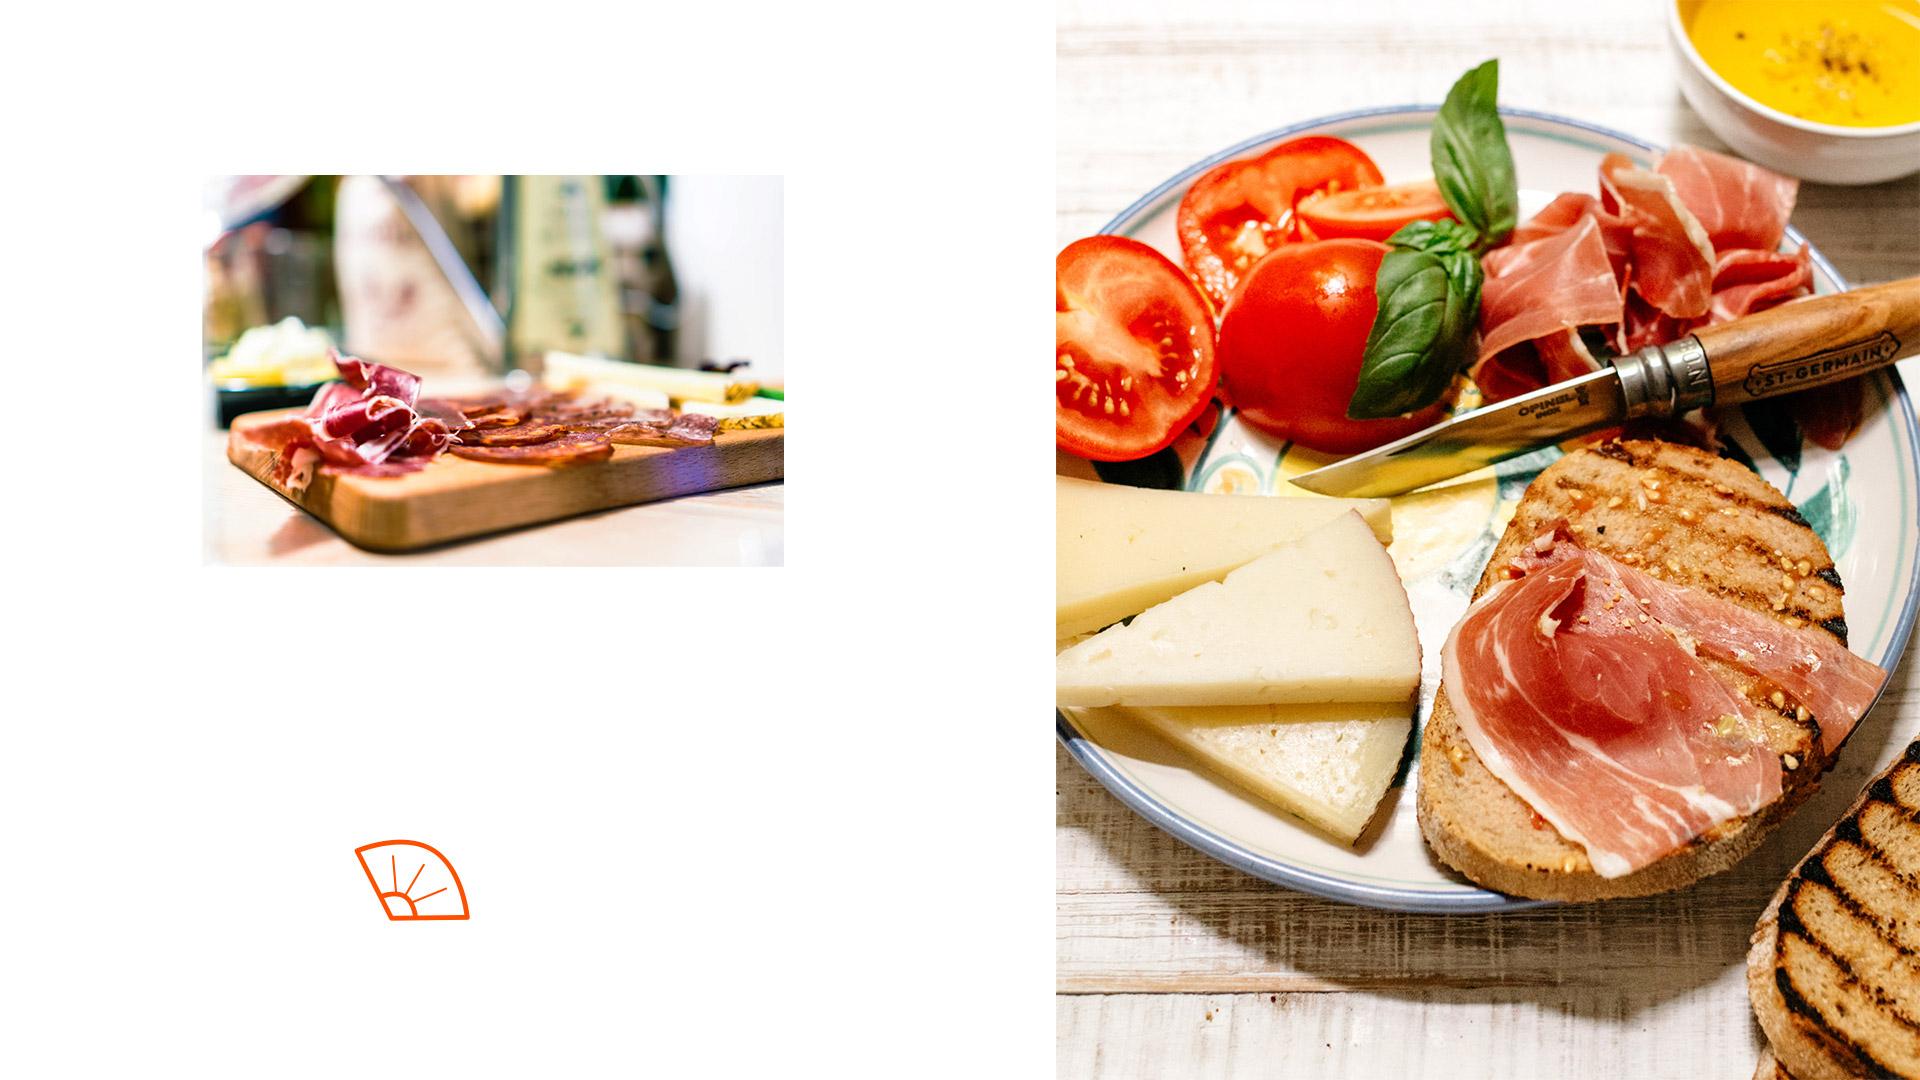 Urlaub zu Hause, Frühstücksservice, Morgengold, Brötchen an die Haustüre, Frühstück bestellen, Frühstück Lieferservice, Brötchen Lieferservice, kulinarische Entdeckungsreise, Urlaub in Deutschland, Ferien in Deutschland